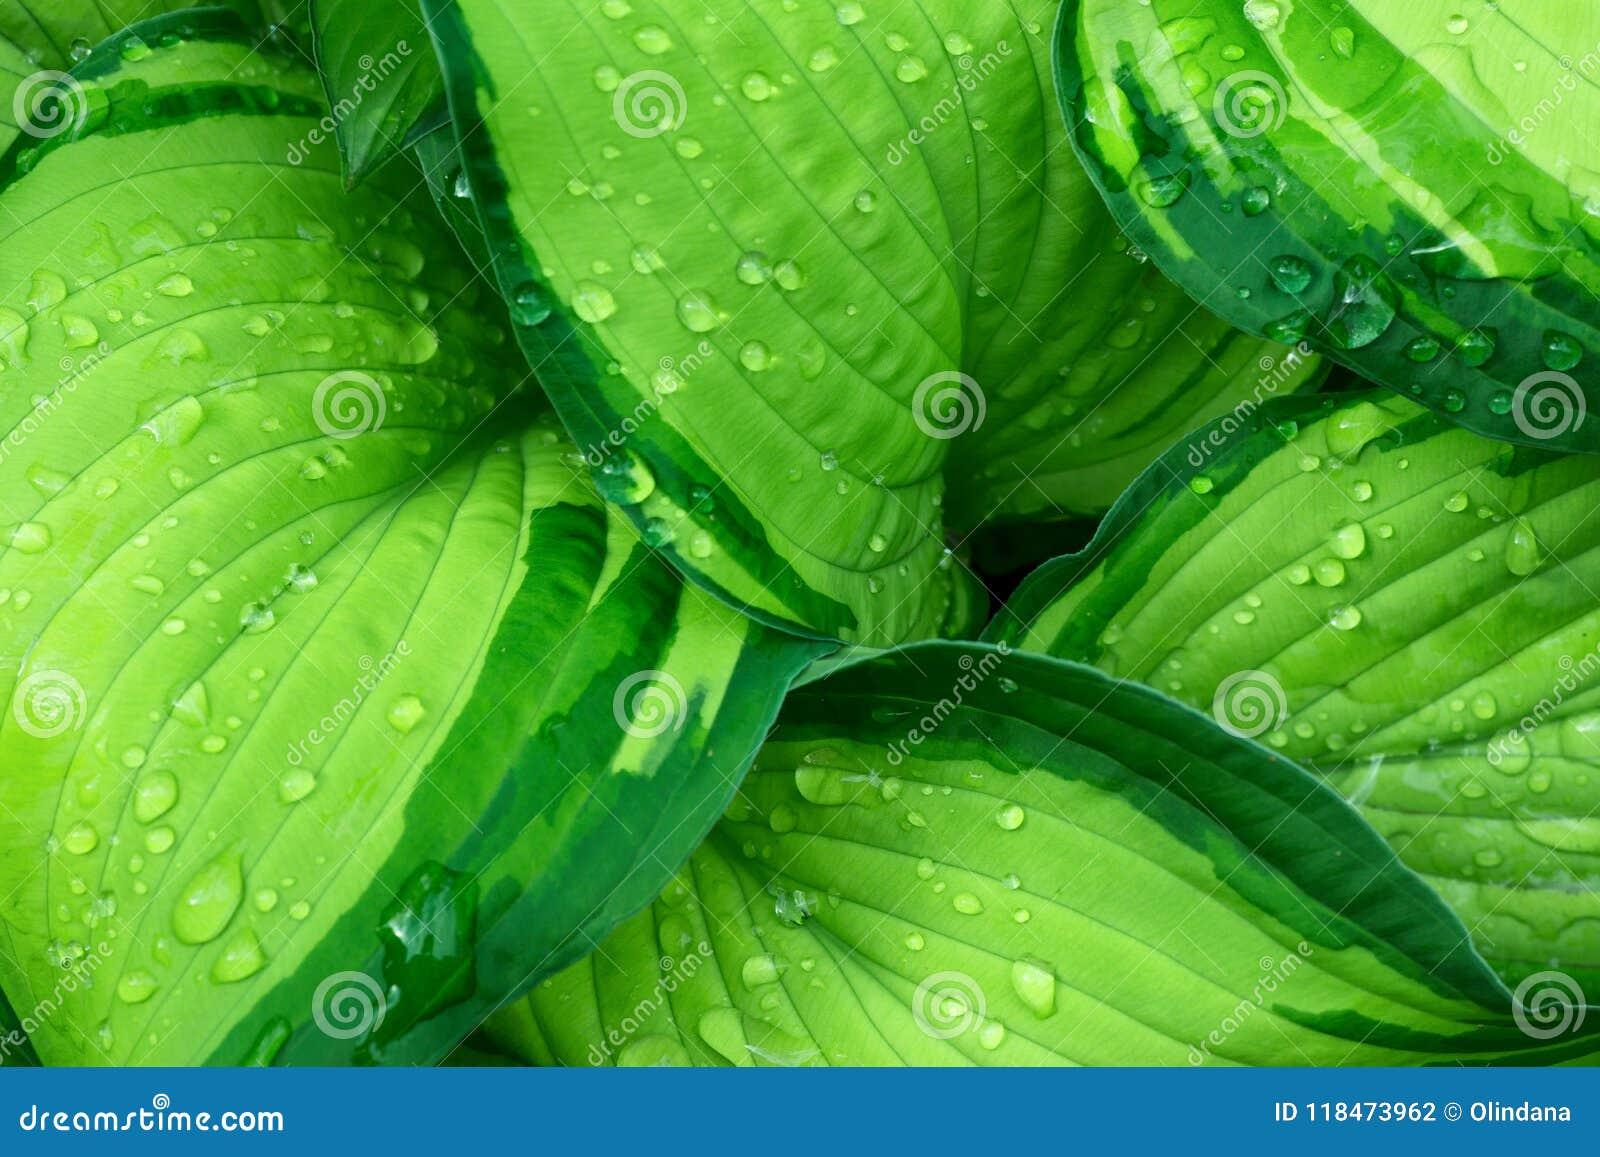 Свежие зеленые листья завода хосты после дождя с падениями воды Ботаническая предпосылка природы листвы Шаблон плаката обоев